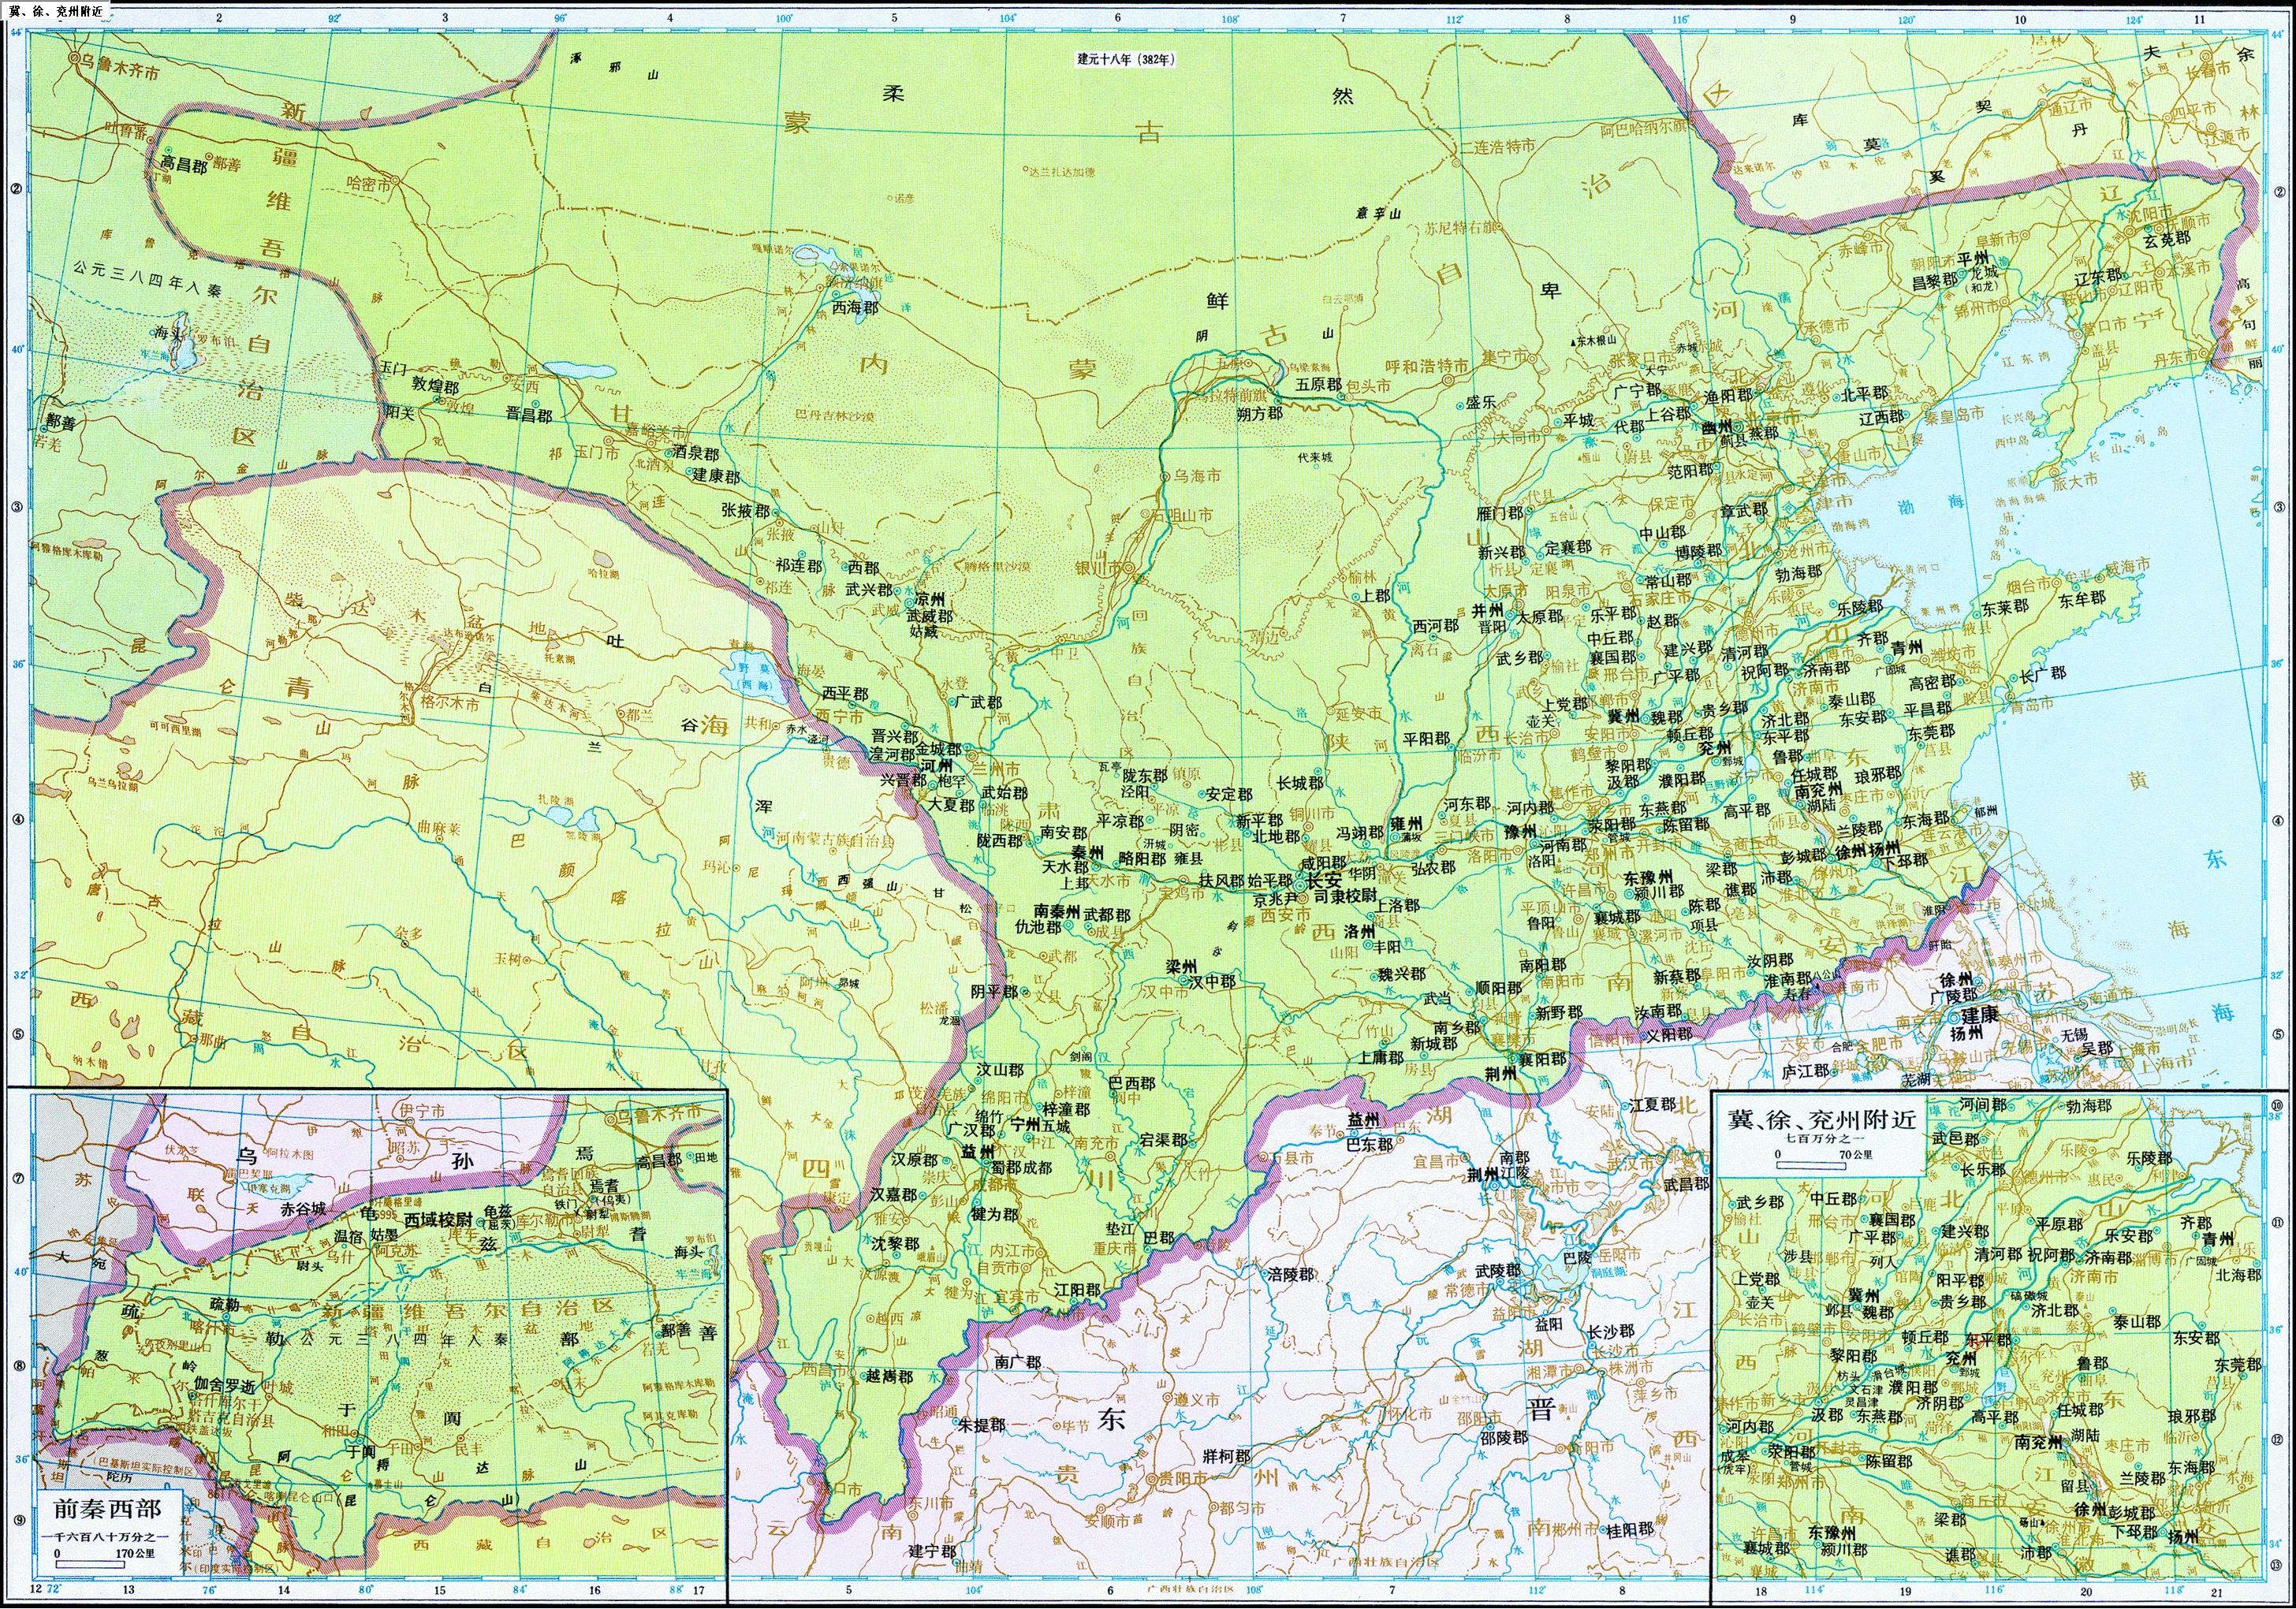 兖州城区街道地图